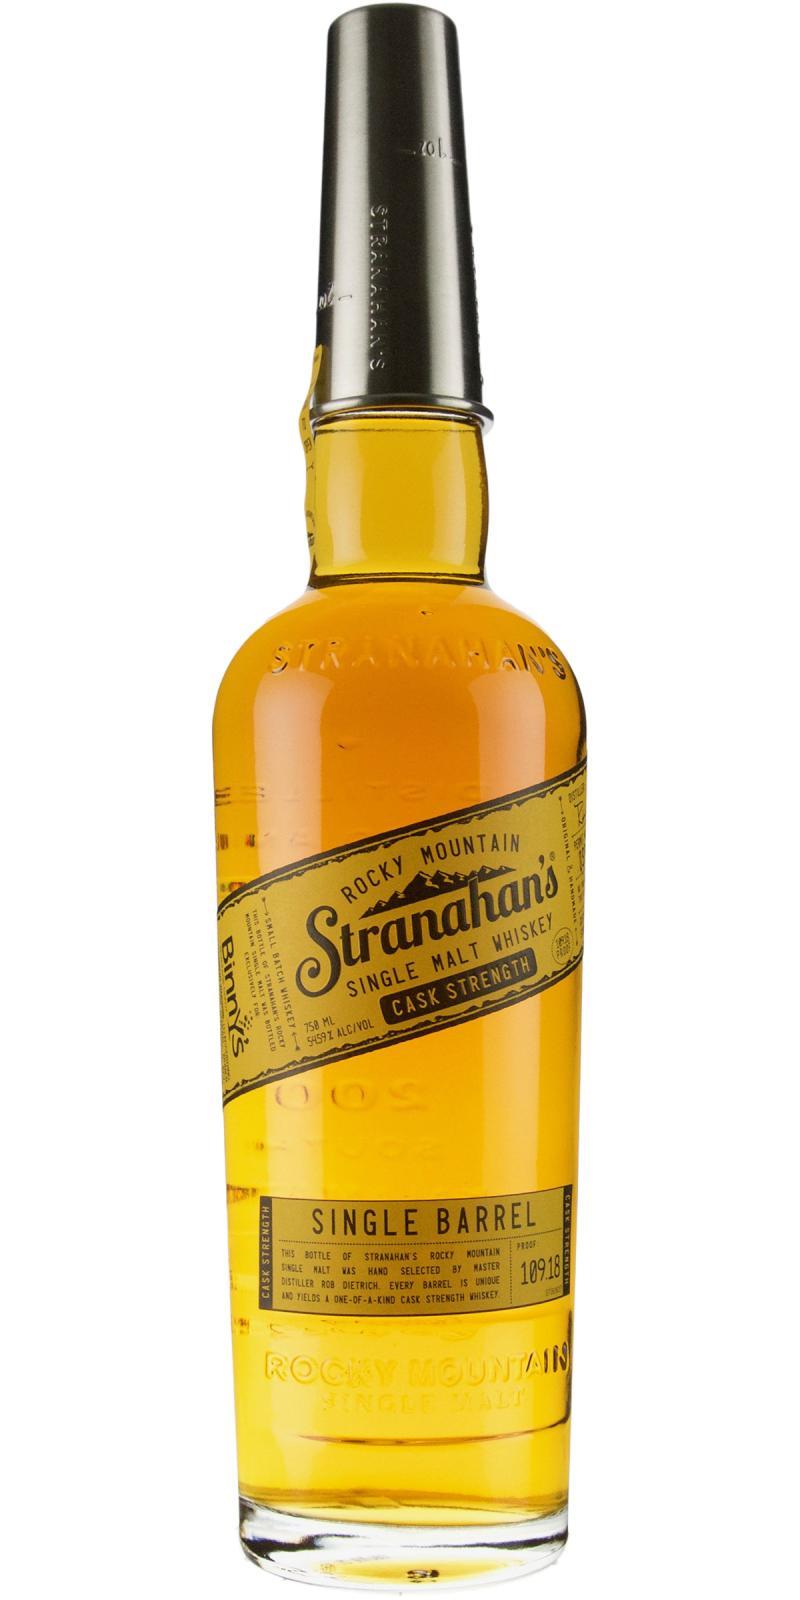 Stranahan's Straight Colorado Whiskey